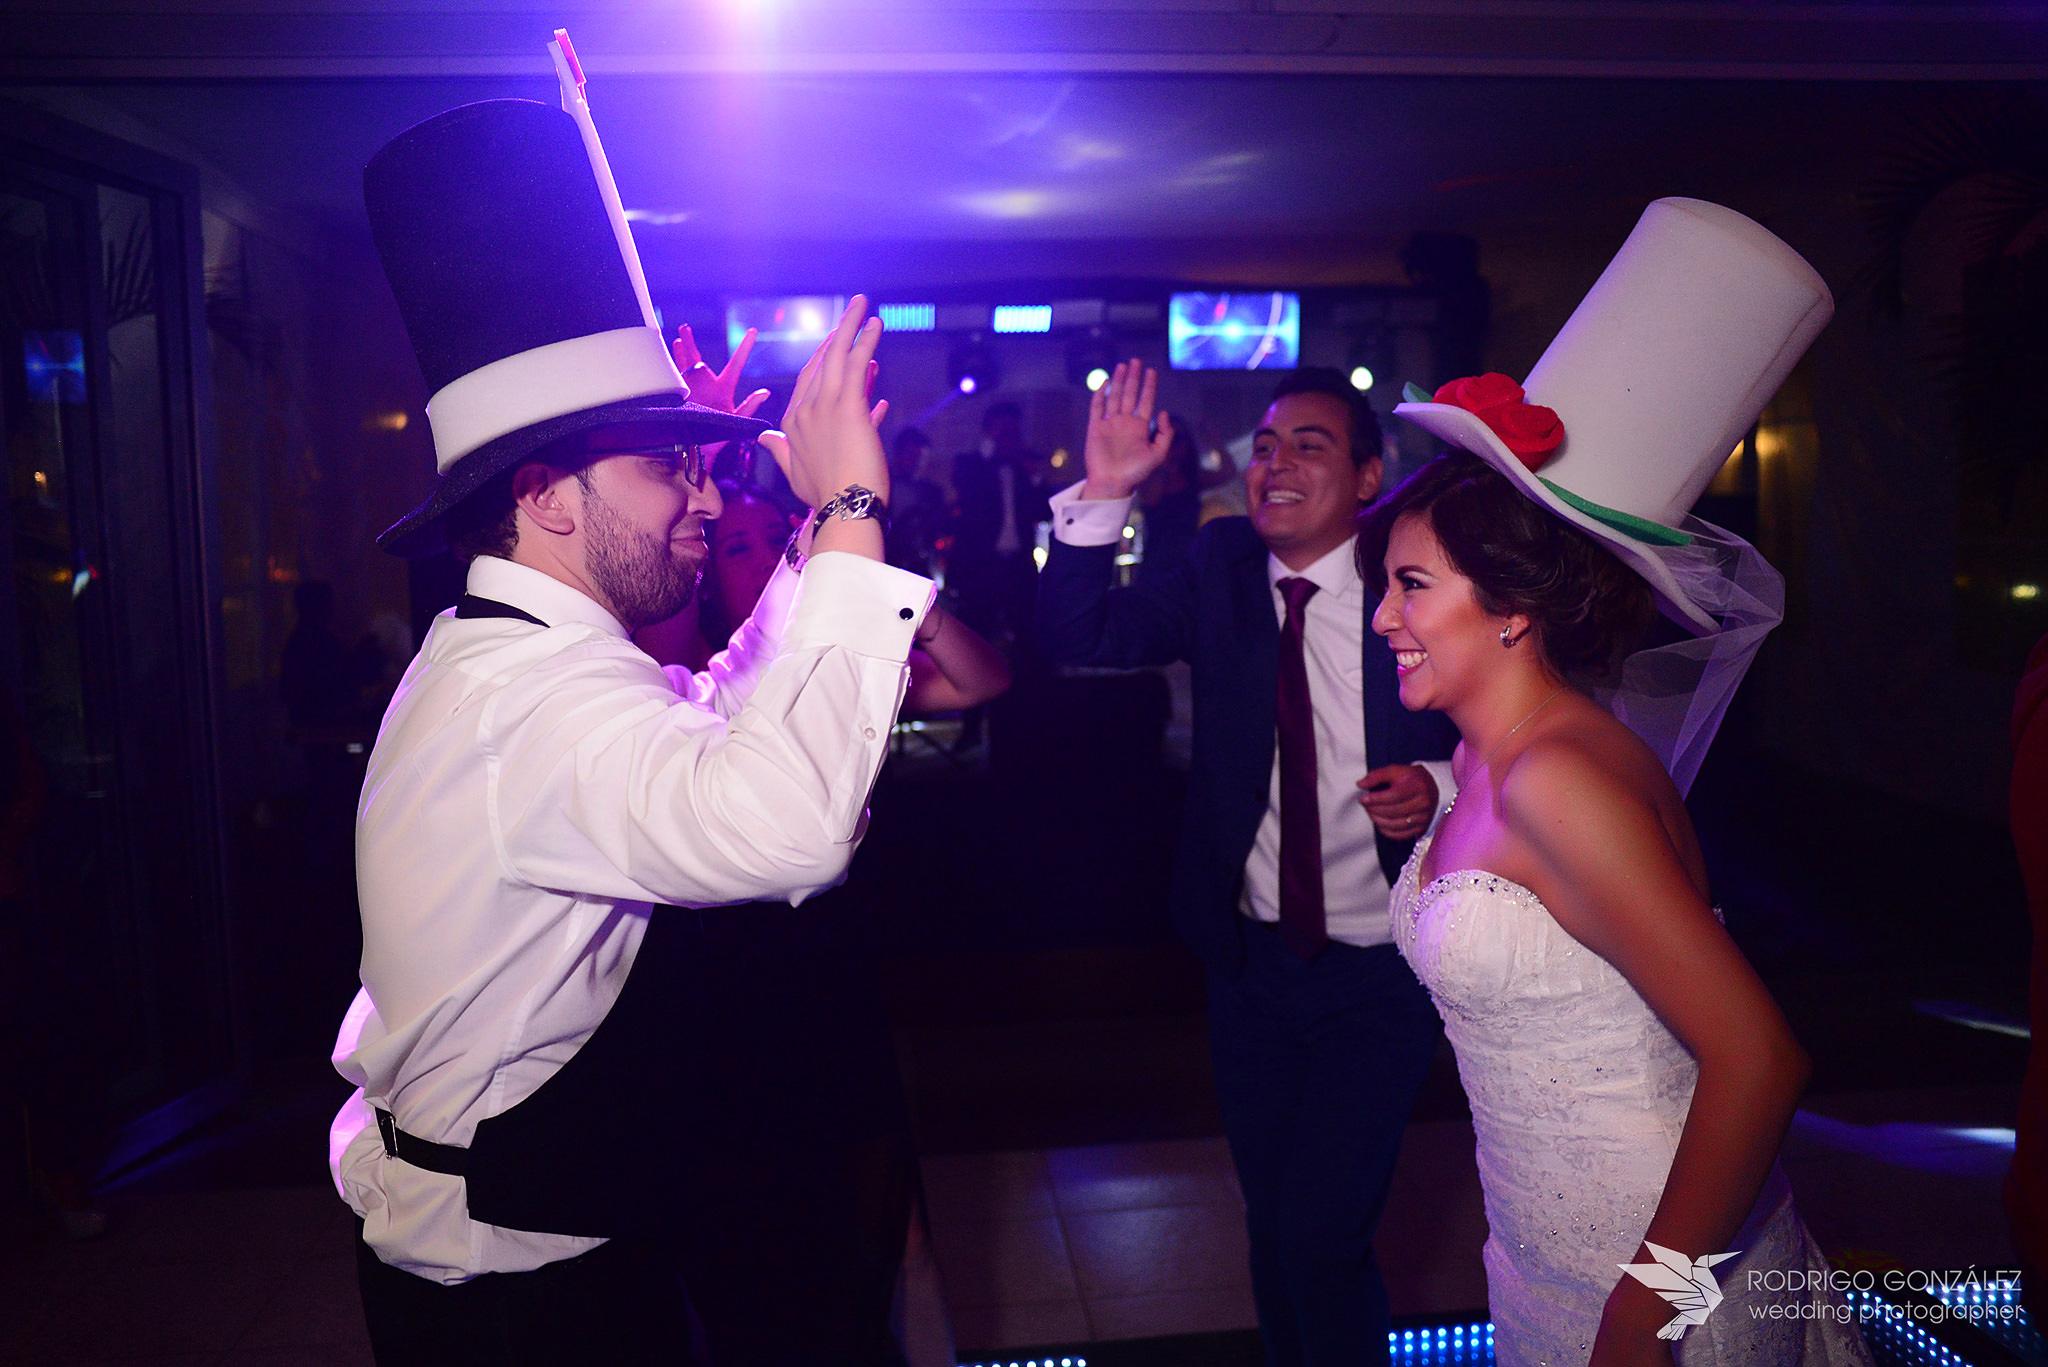 fotografo-de-bodas-salon-acrofest-0802